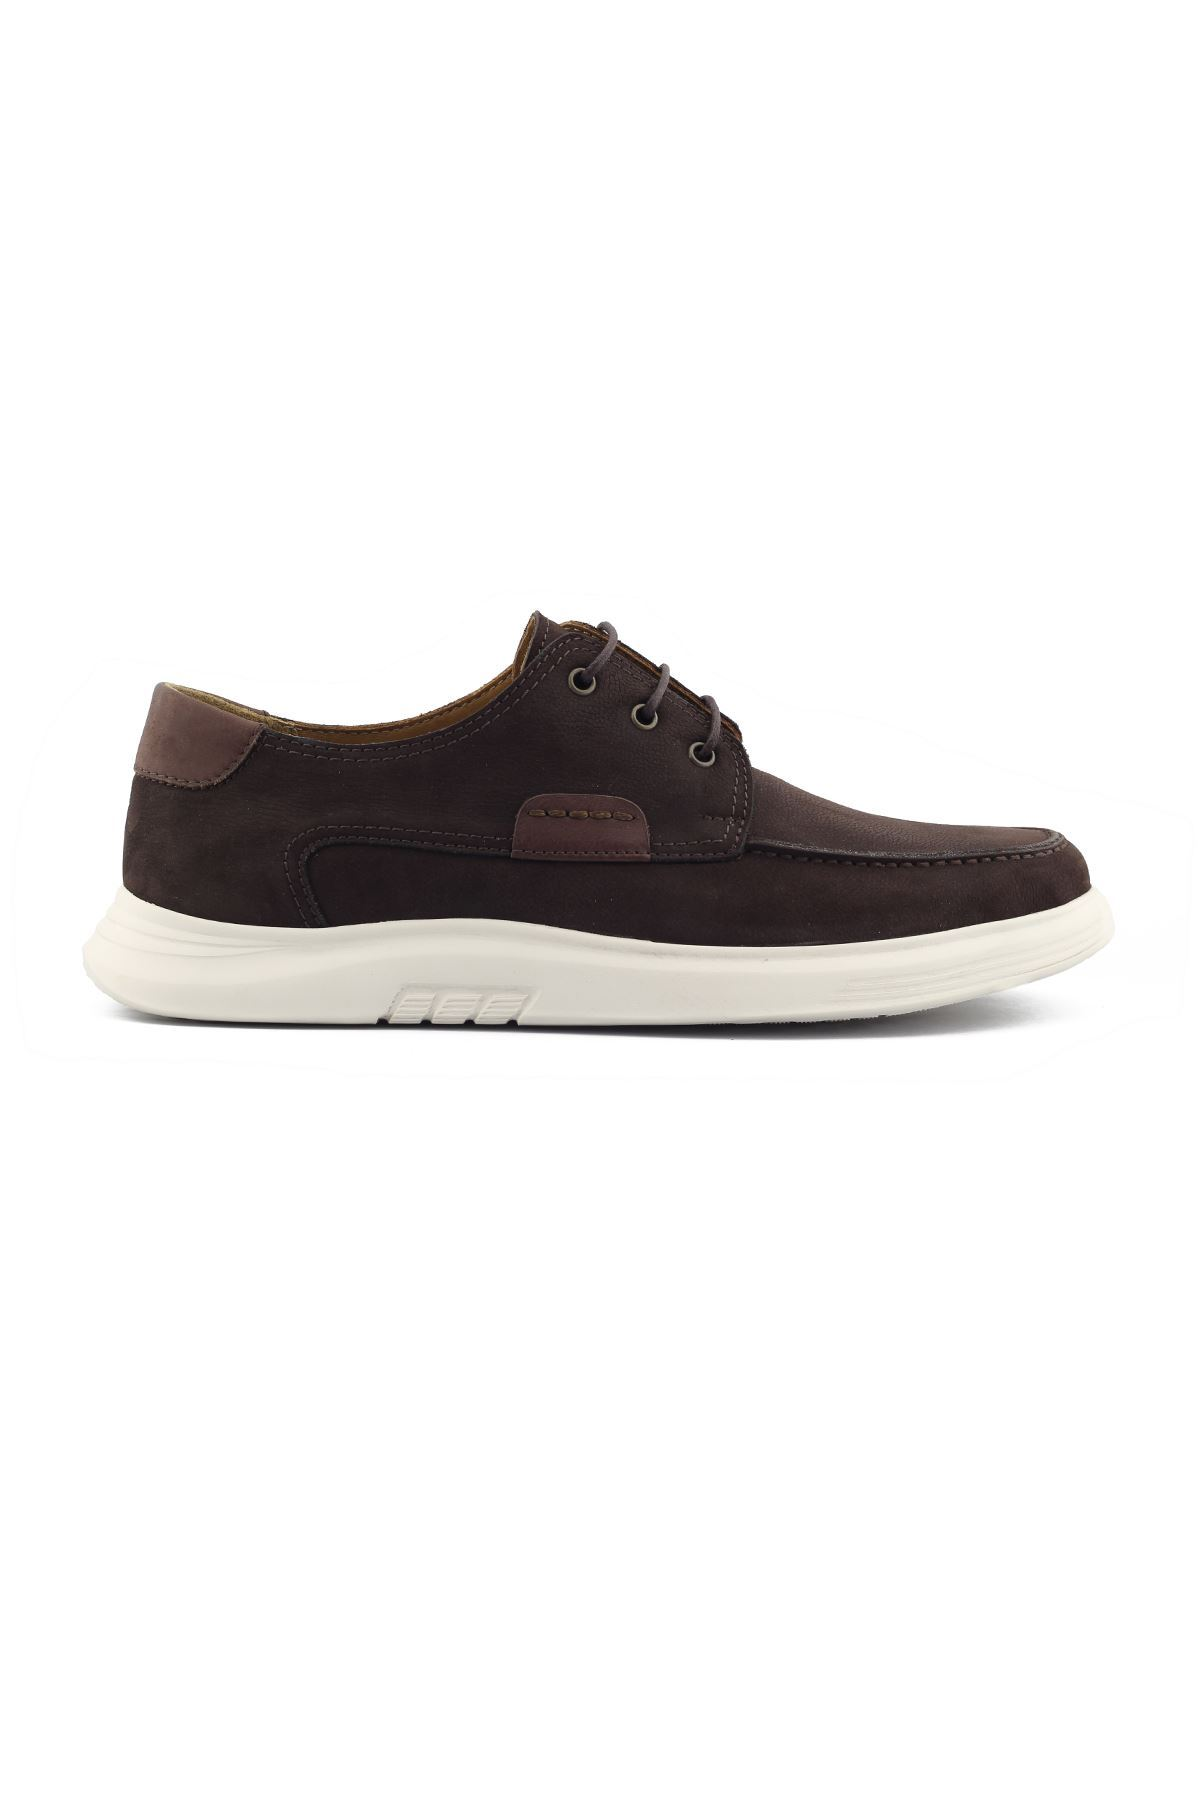 2101 Nubuk Kahve Stil Erkek Ayakkabı